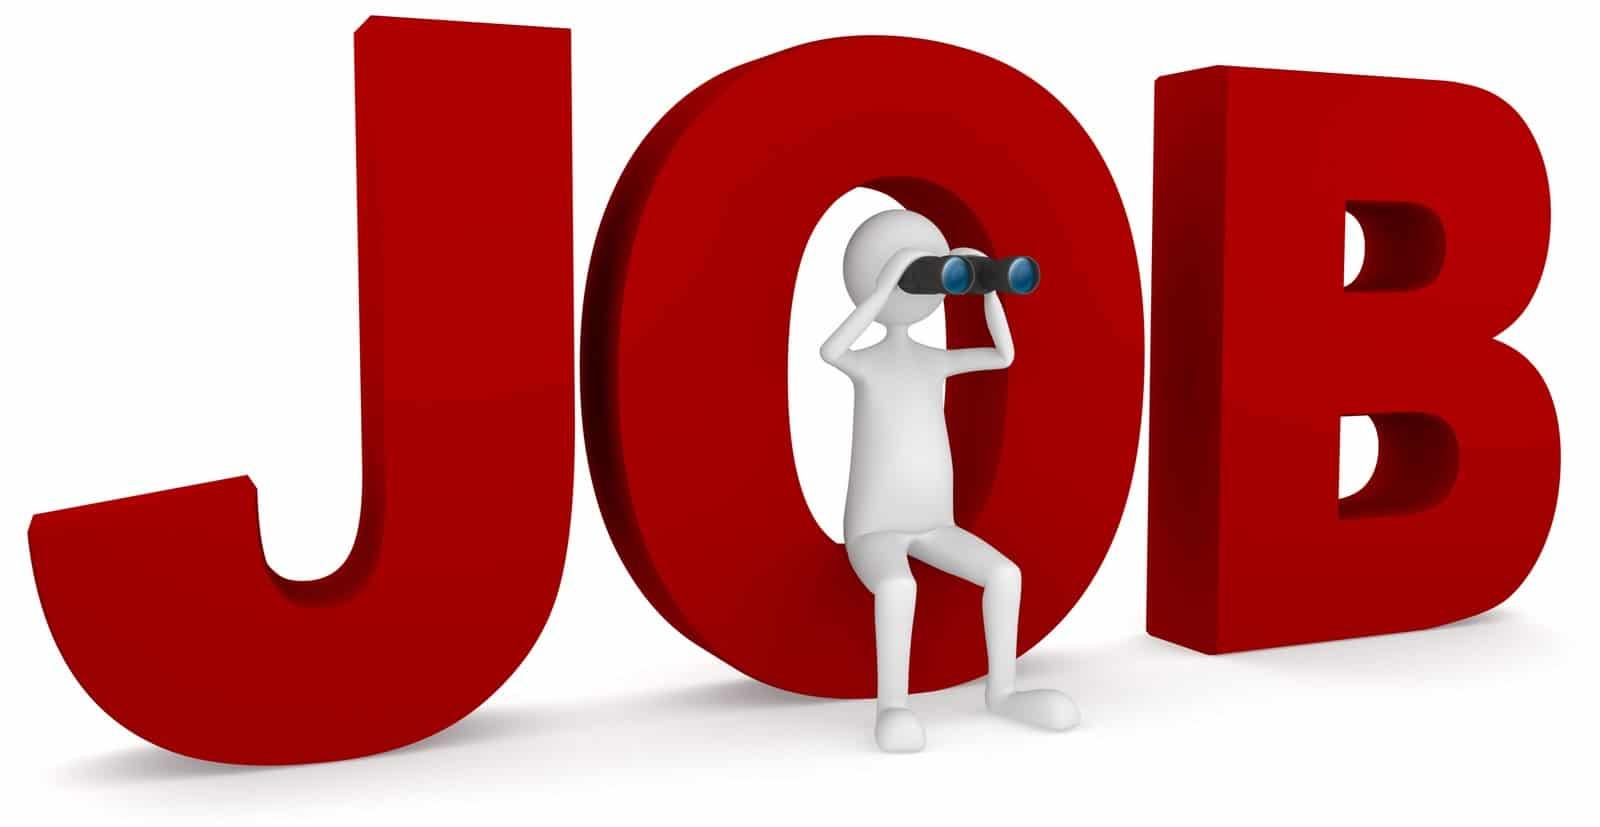 How to Land Your Next Good Job?